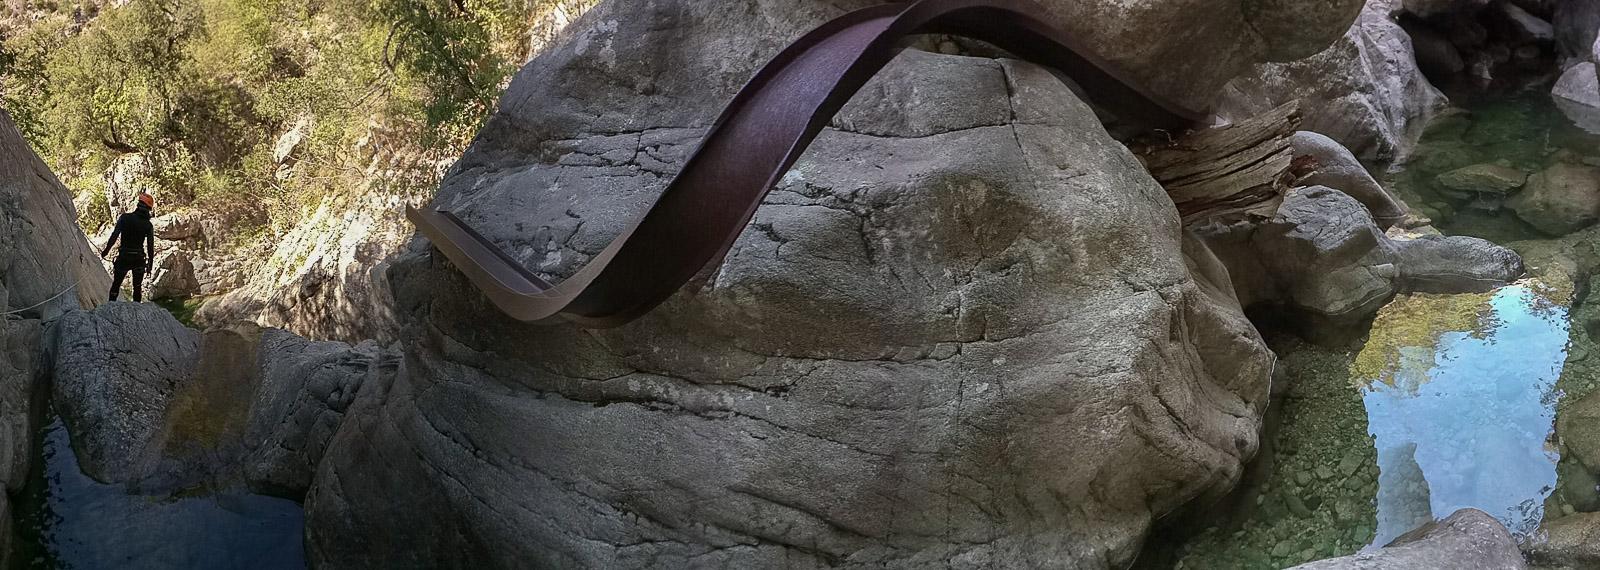 Ruisseau de Ziocu, Soccia 21